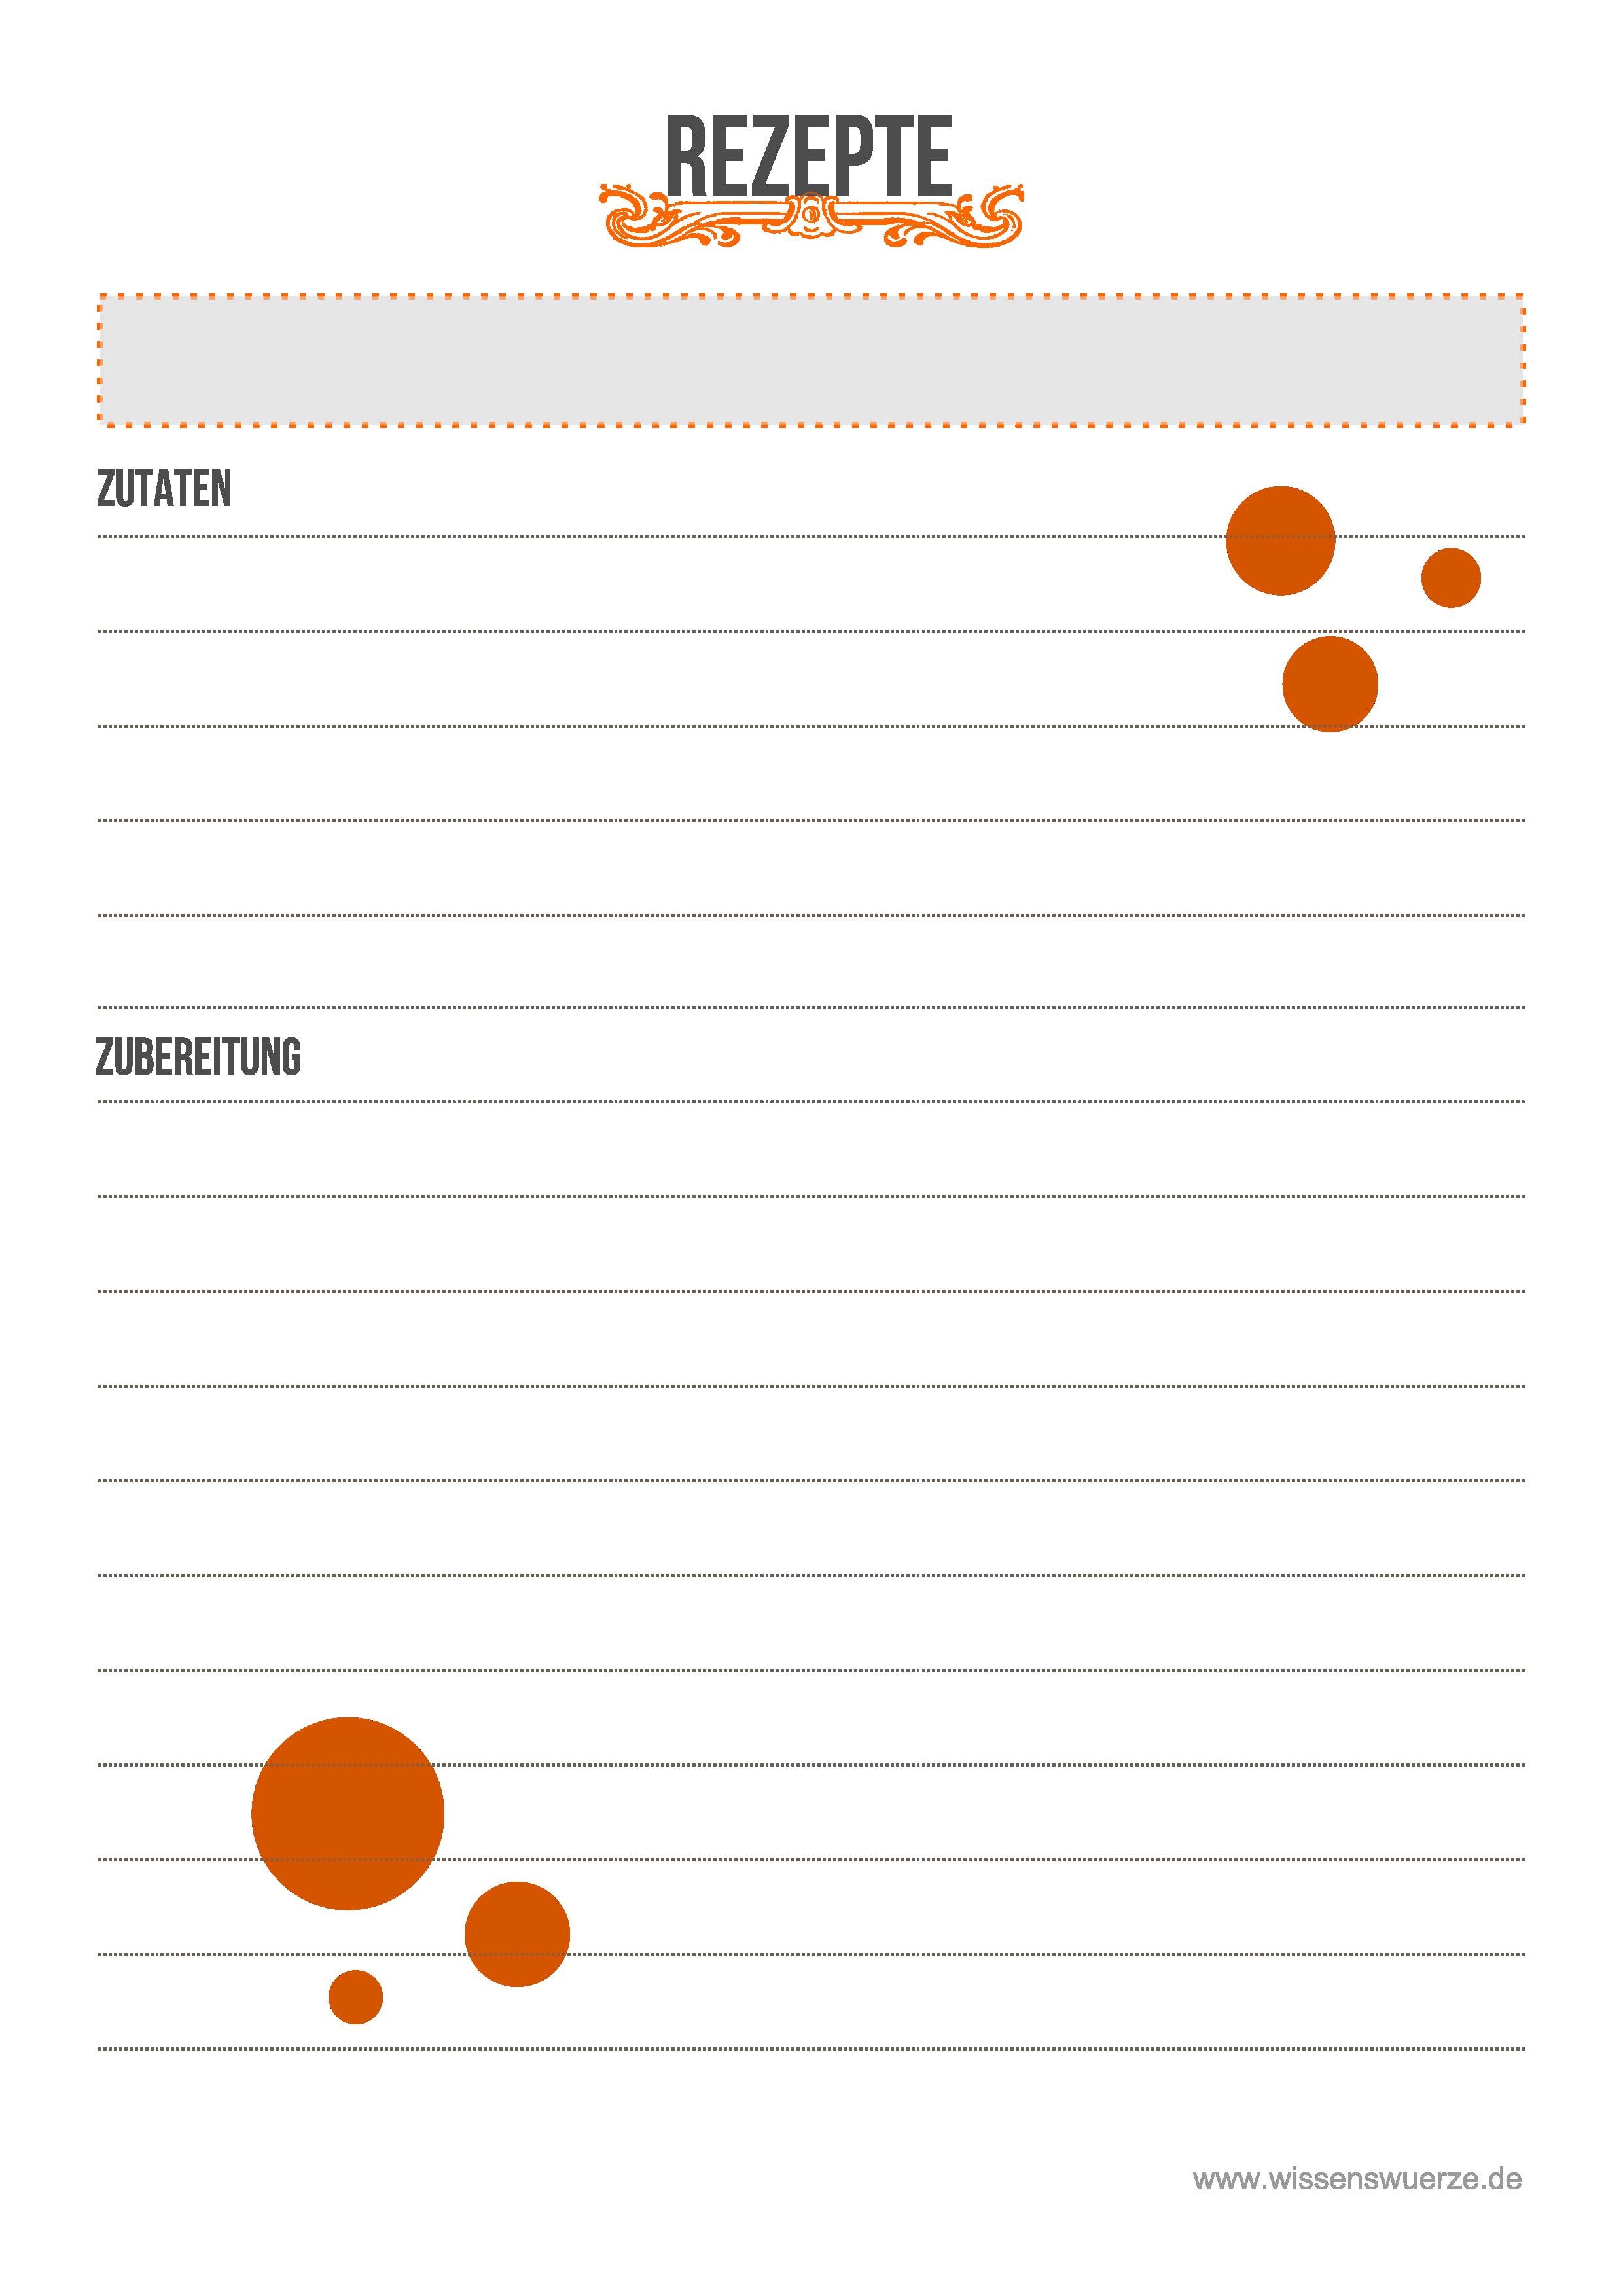 Großartig Vorlage Rezeptbuch Bilder - Entry Level Resume Vorlagen ...